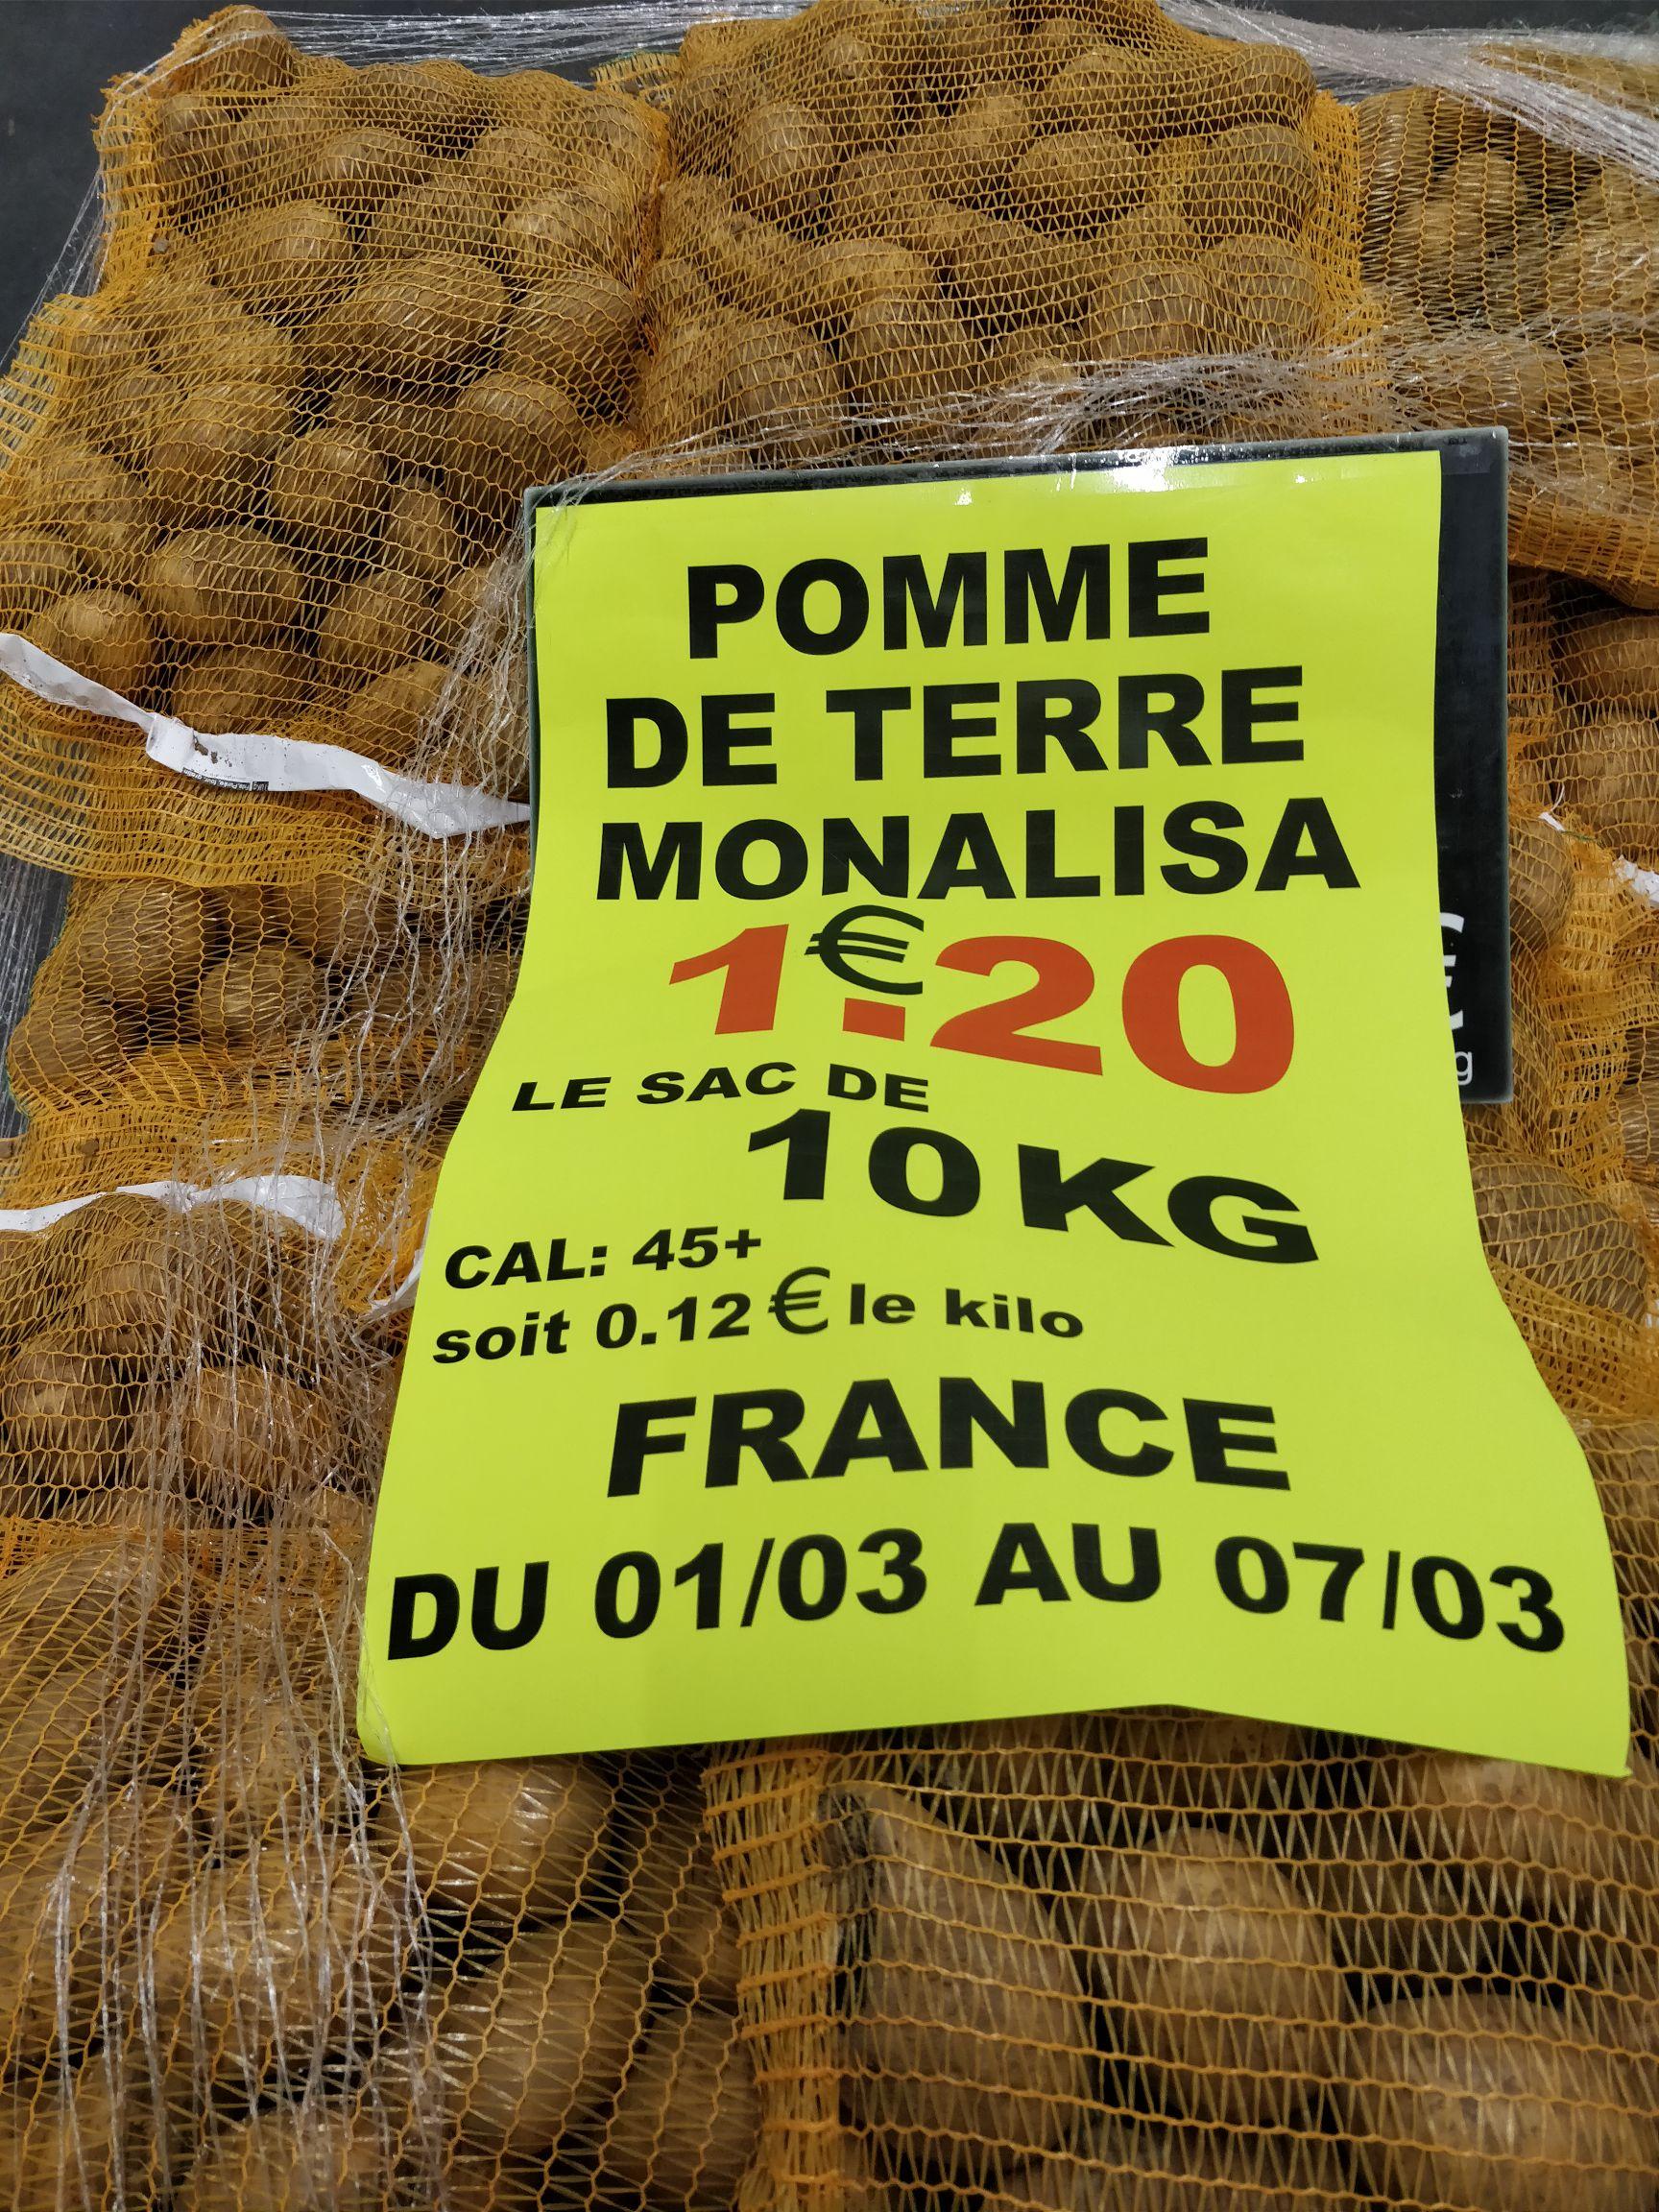 Sac de pommes de terre - 10 Kg - Les Halles du Vexin Puiseux-Pontoise (95)